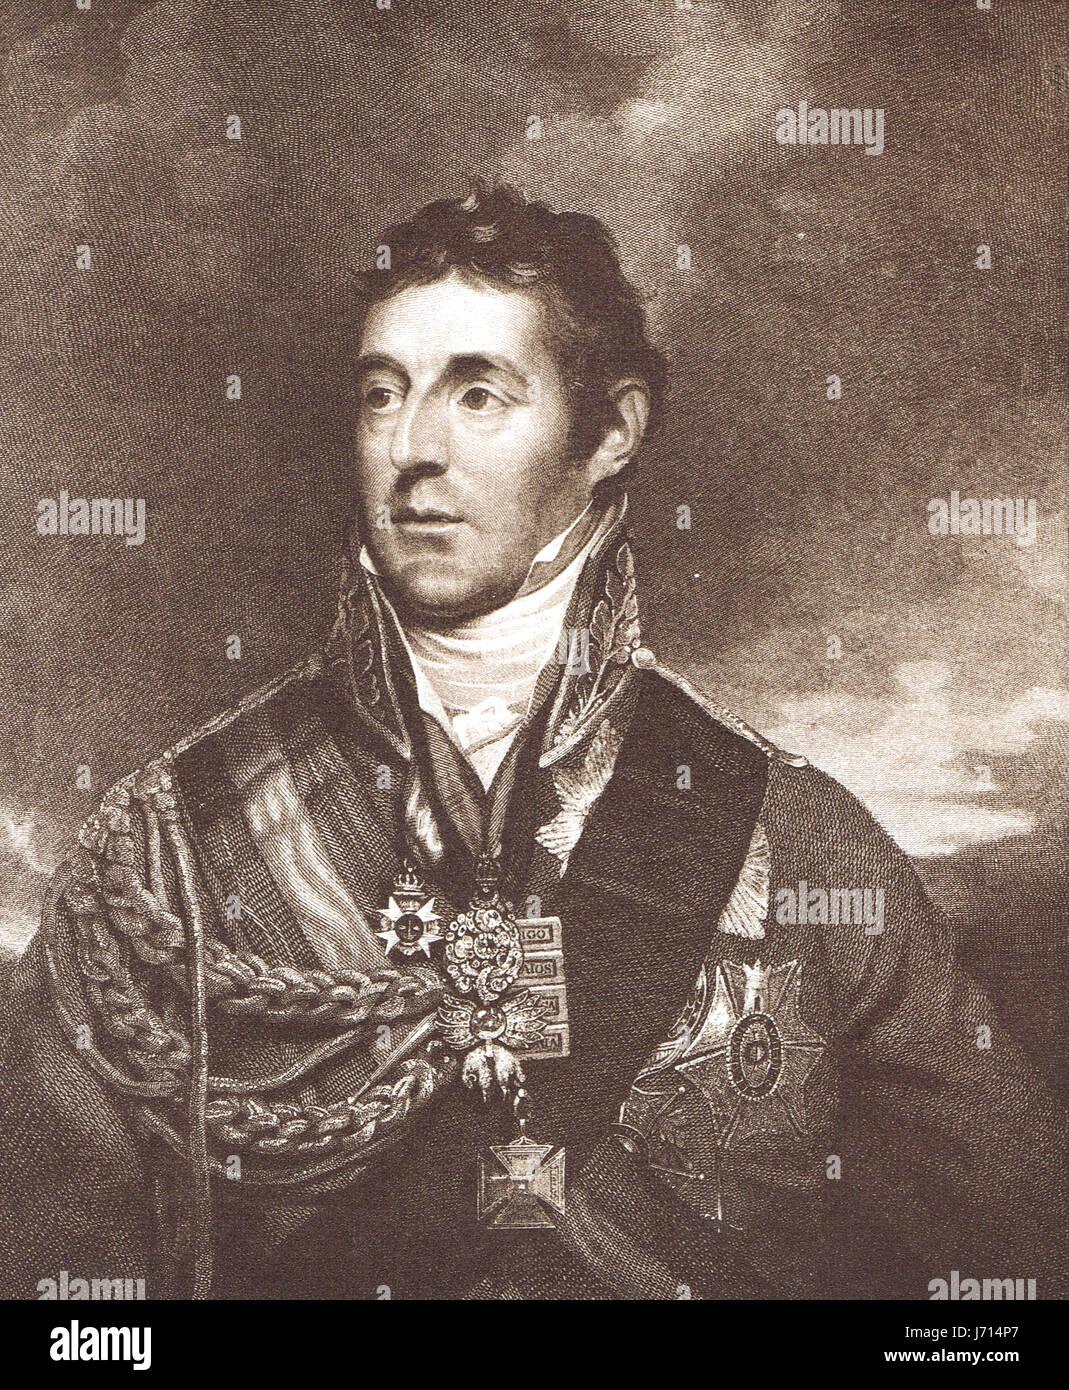 Arthur Wellesley, 1st Duke of Wellington The Iron Duke - Stock Image